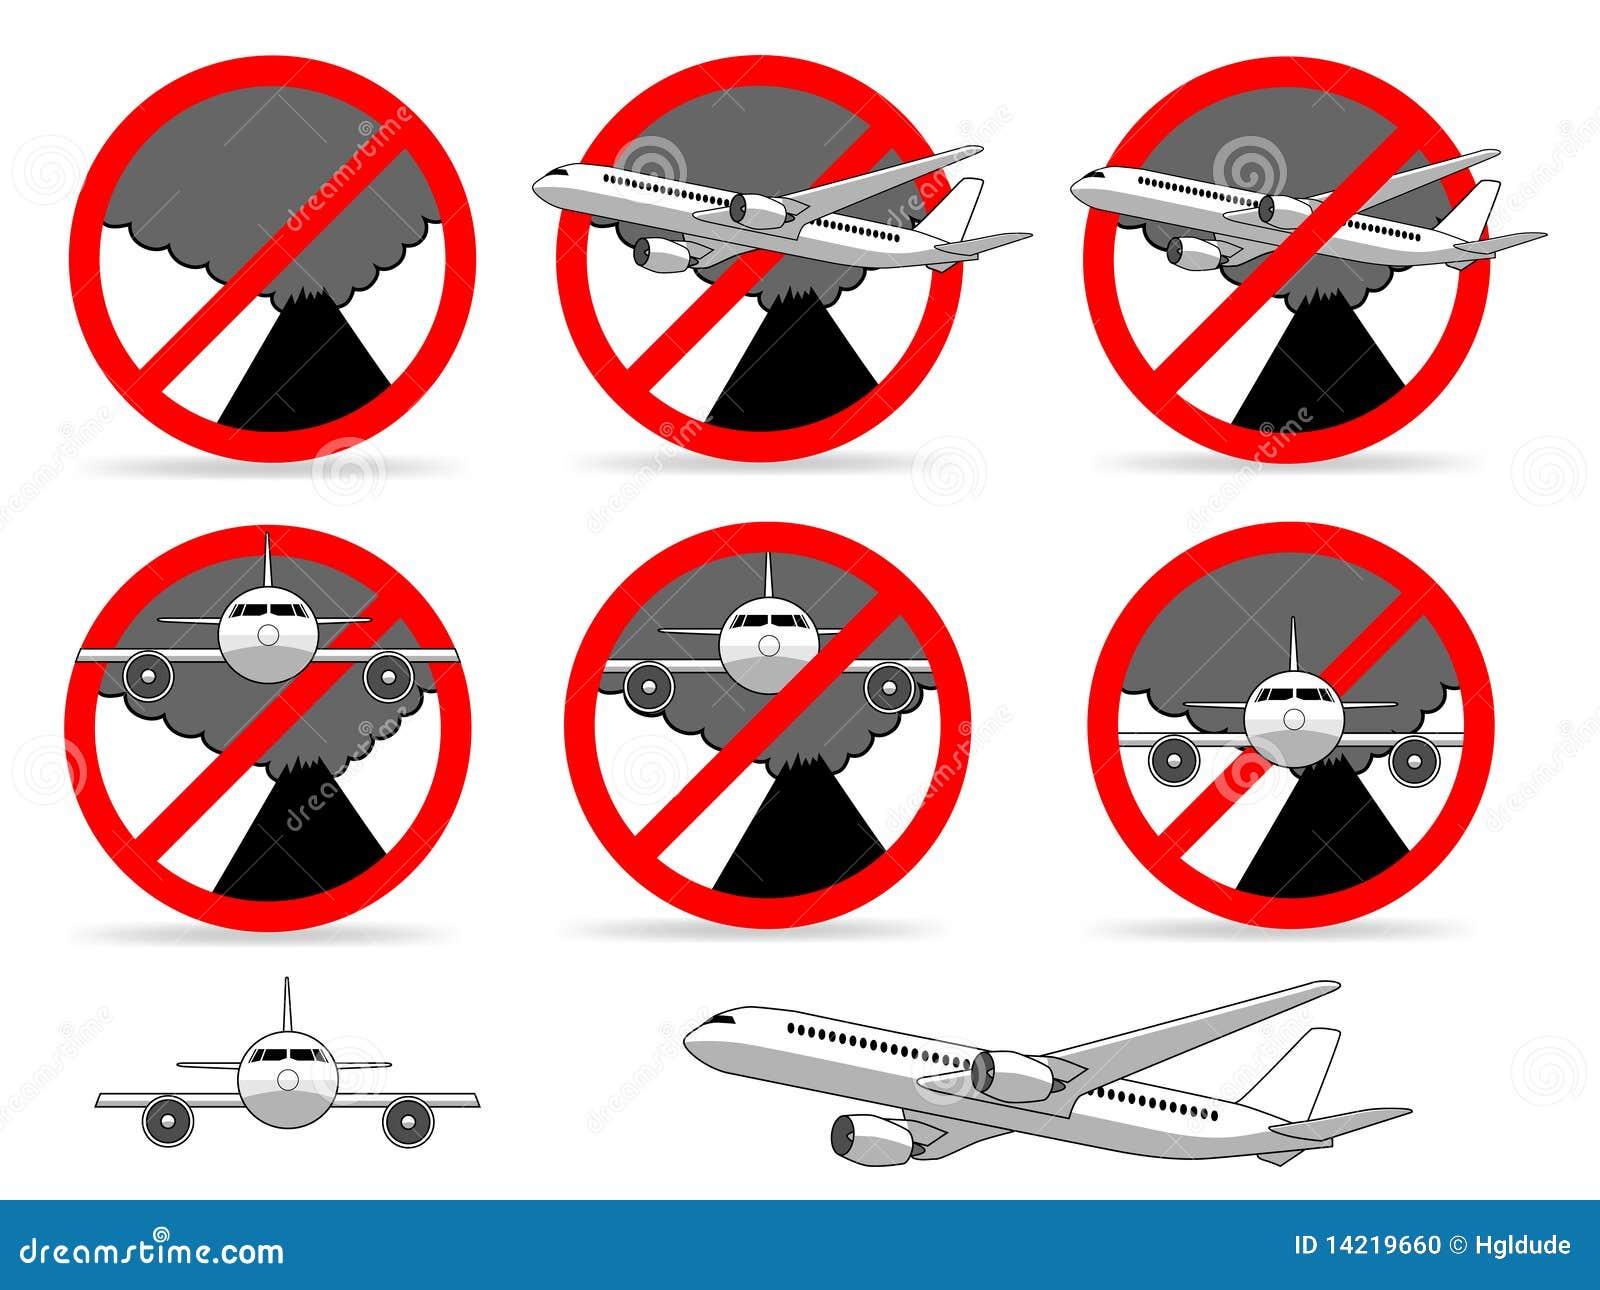 Volcano no fly zone